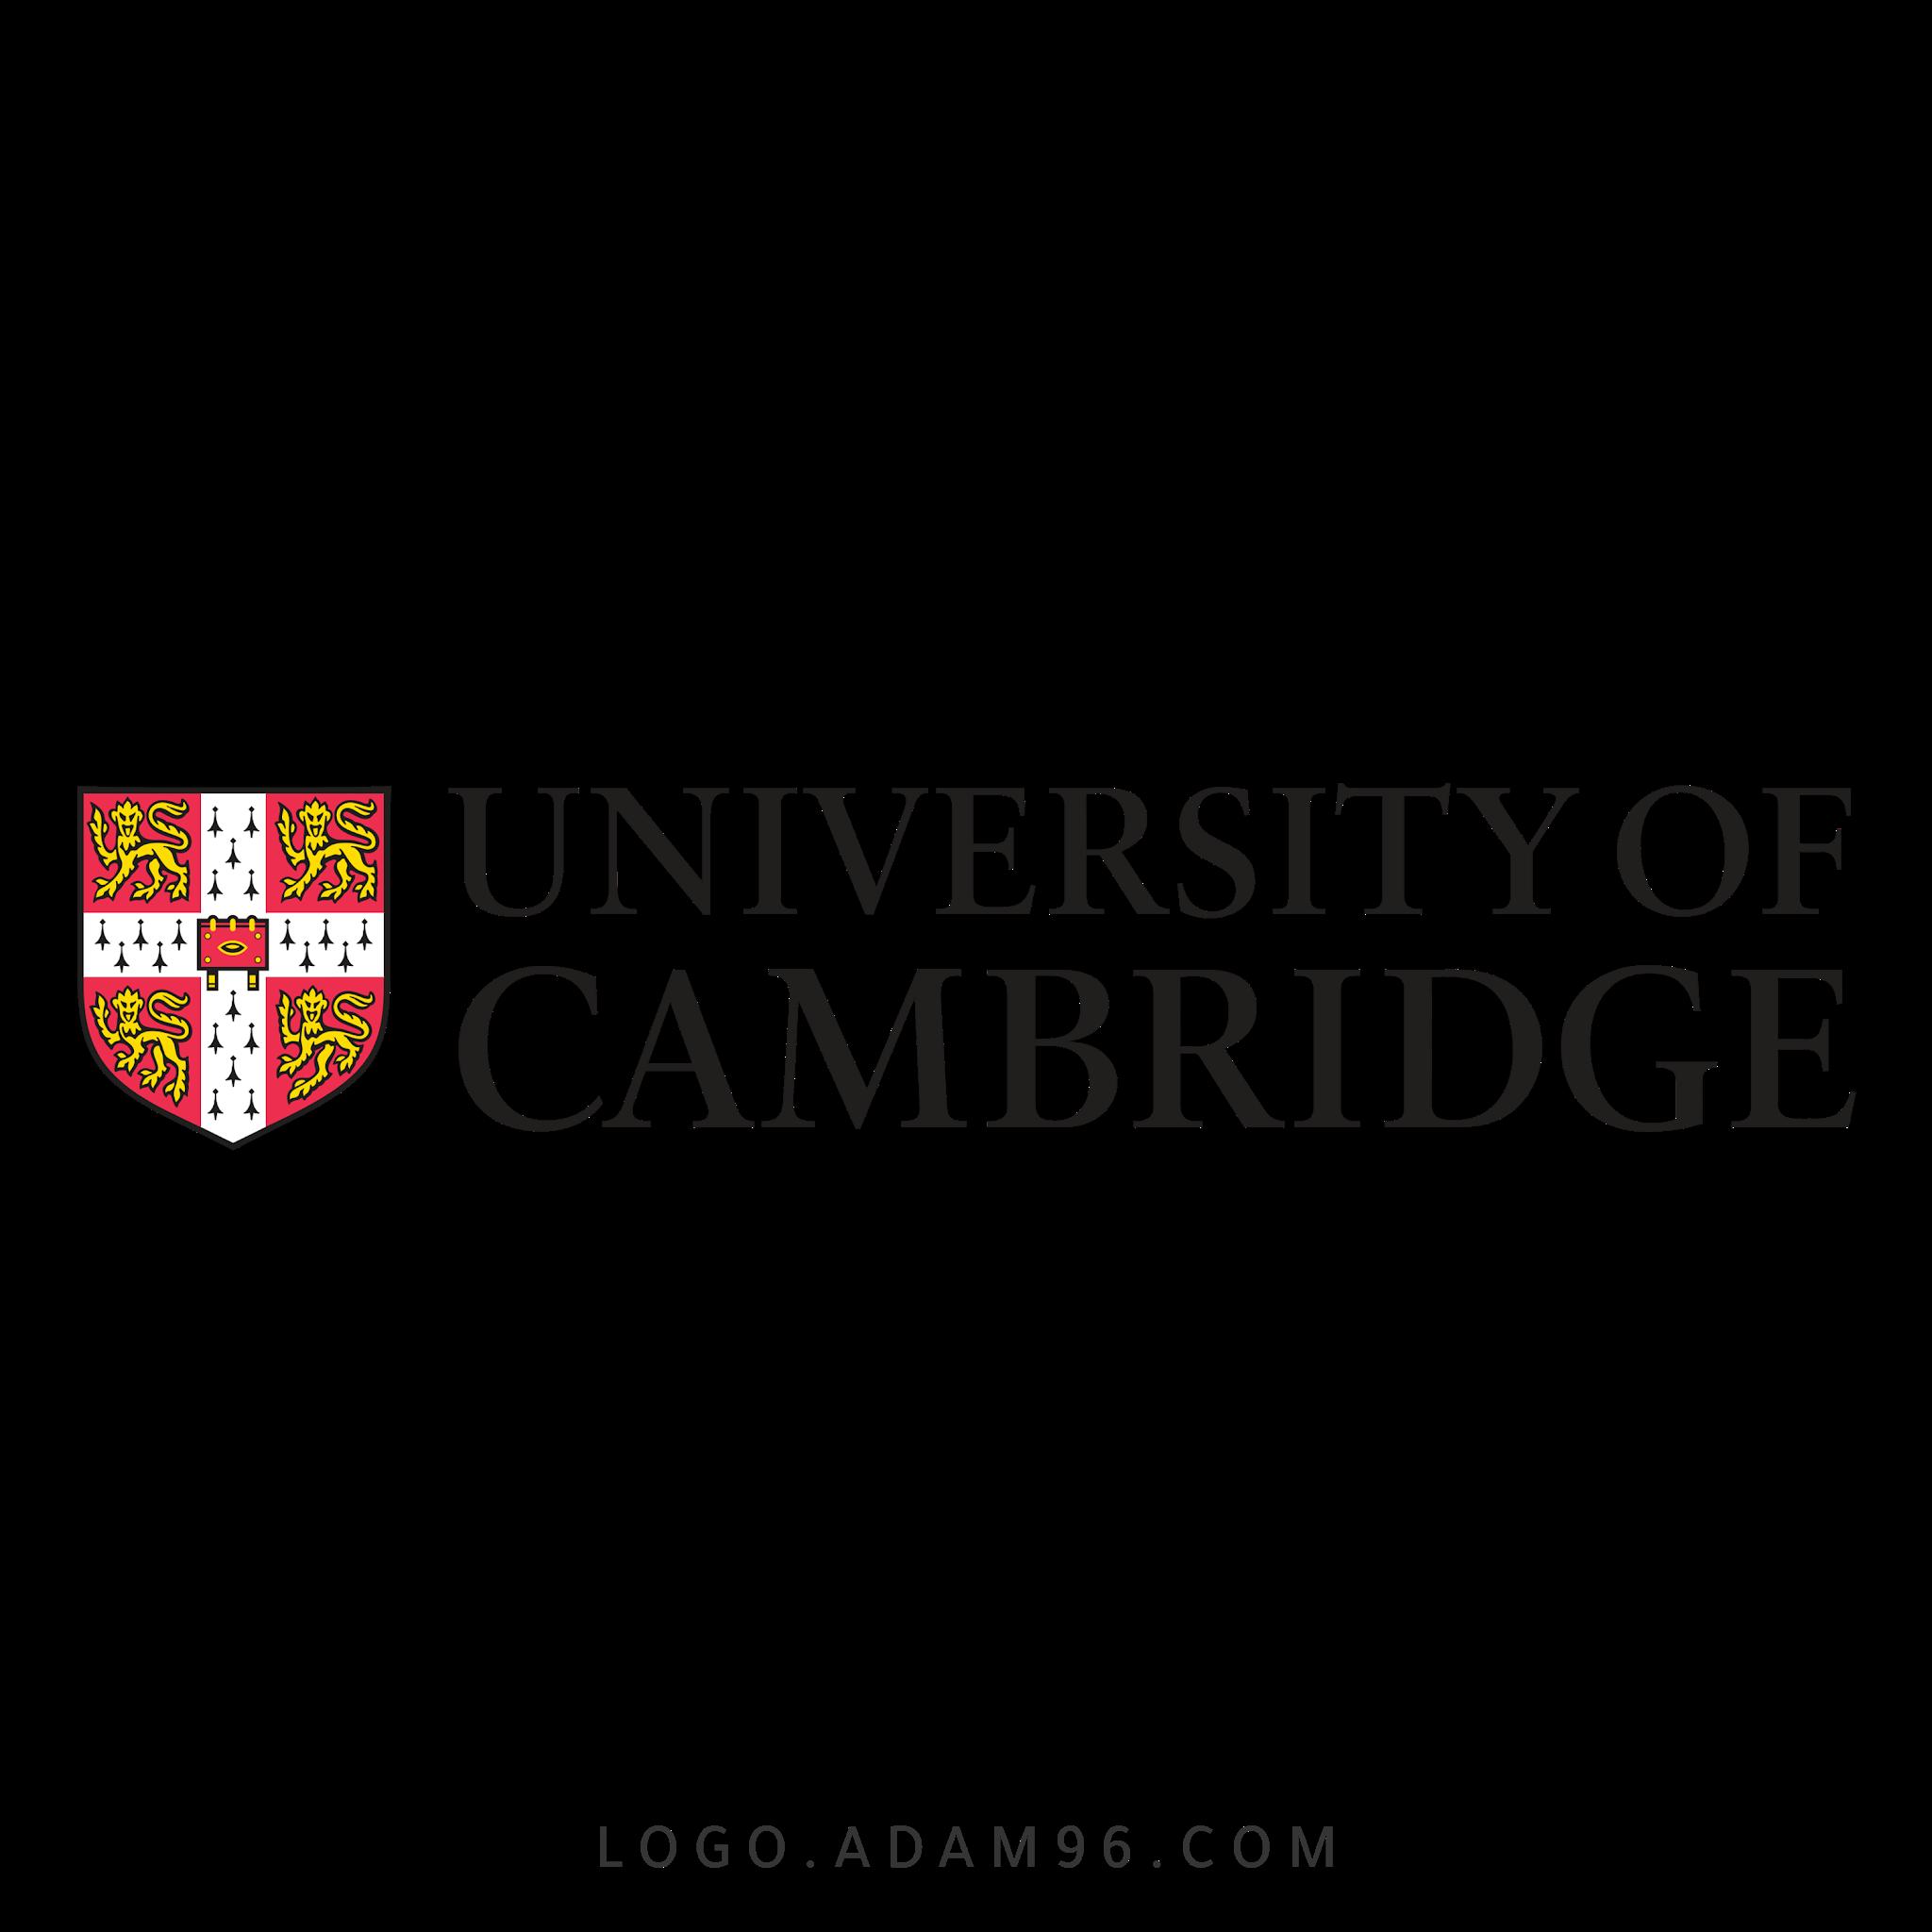 تحميل شعار جامعة كامبريدج لوجو شفاف Logo Cambridge University PNG